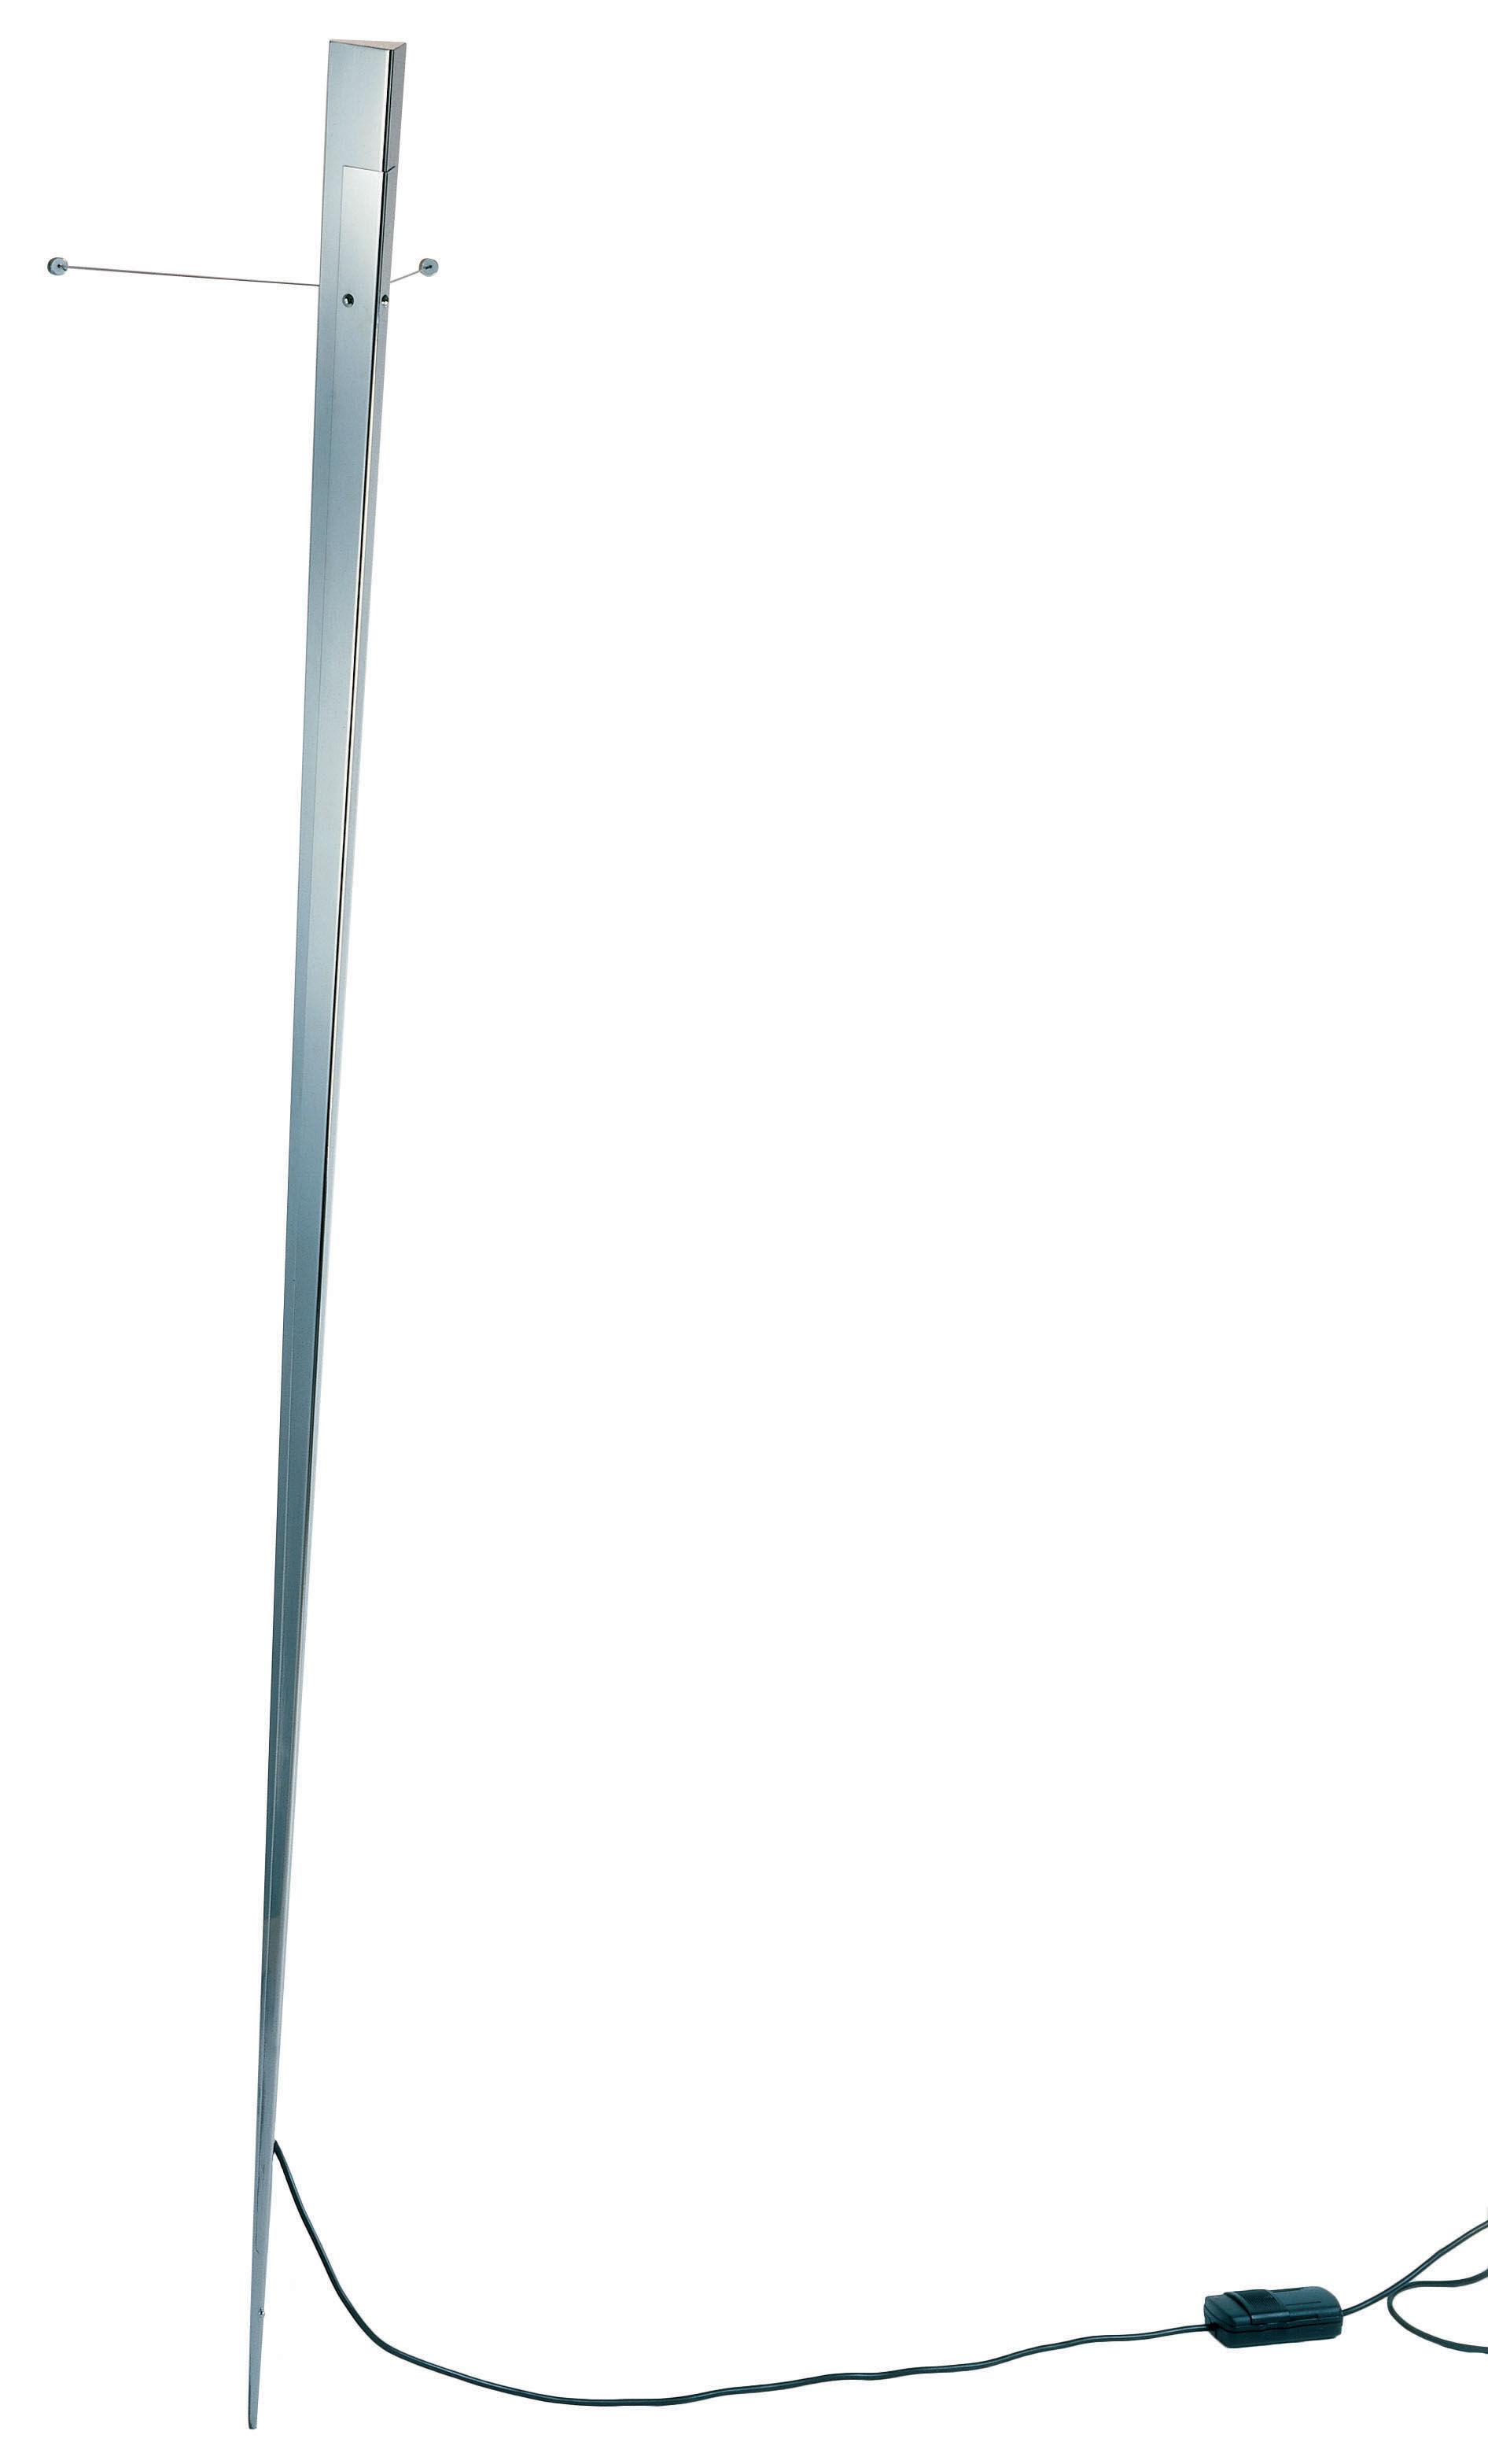 Illuminazione - Lampade da parete - Applique Torchere di Lumen Center Italia - Inox brossé - Inox spazzolato